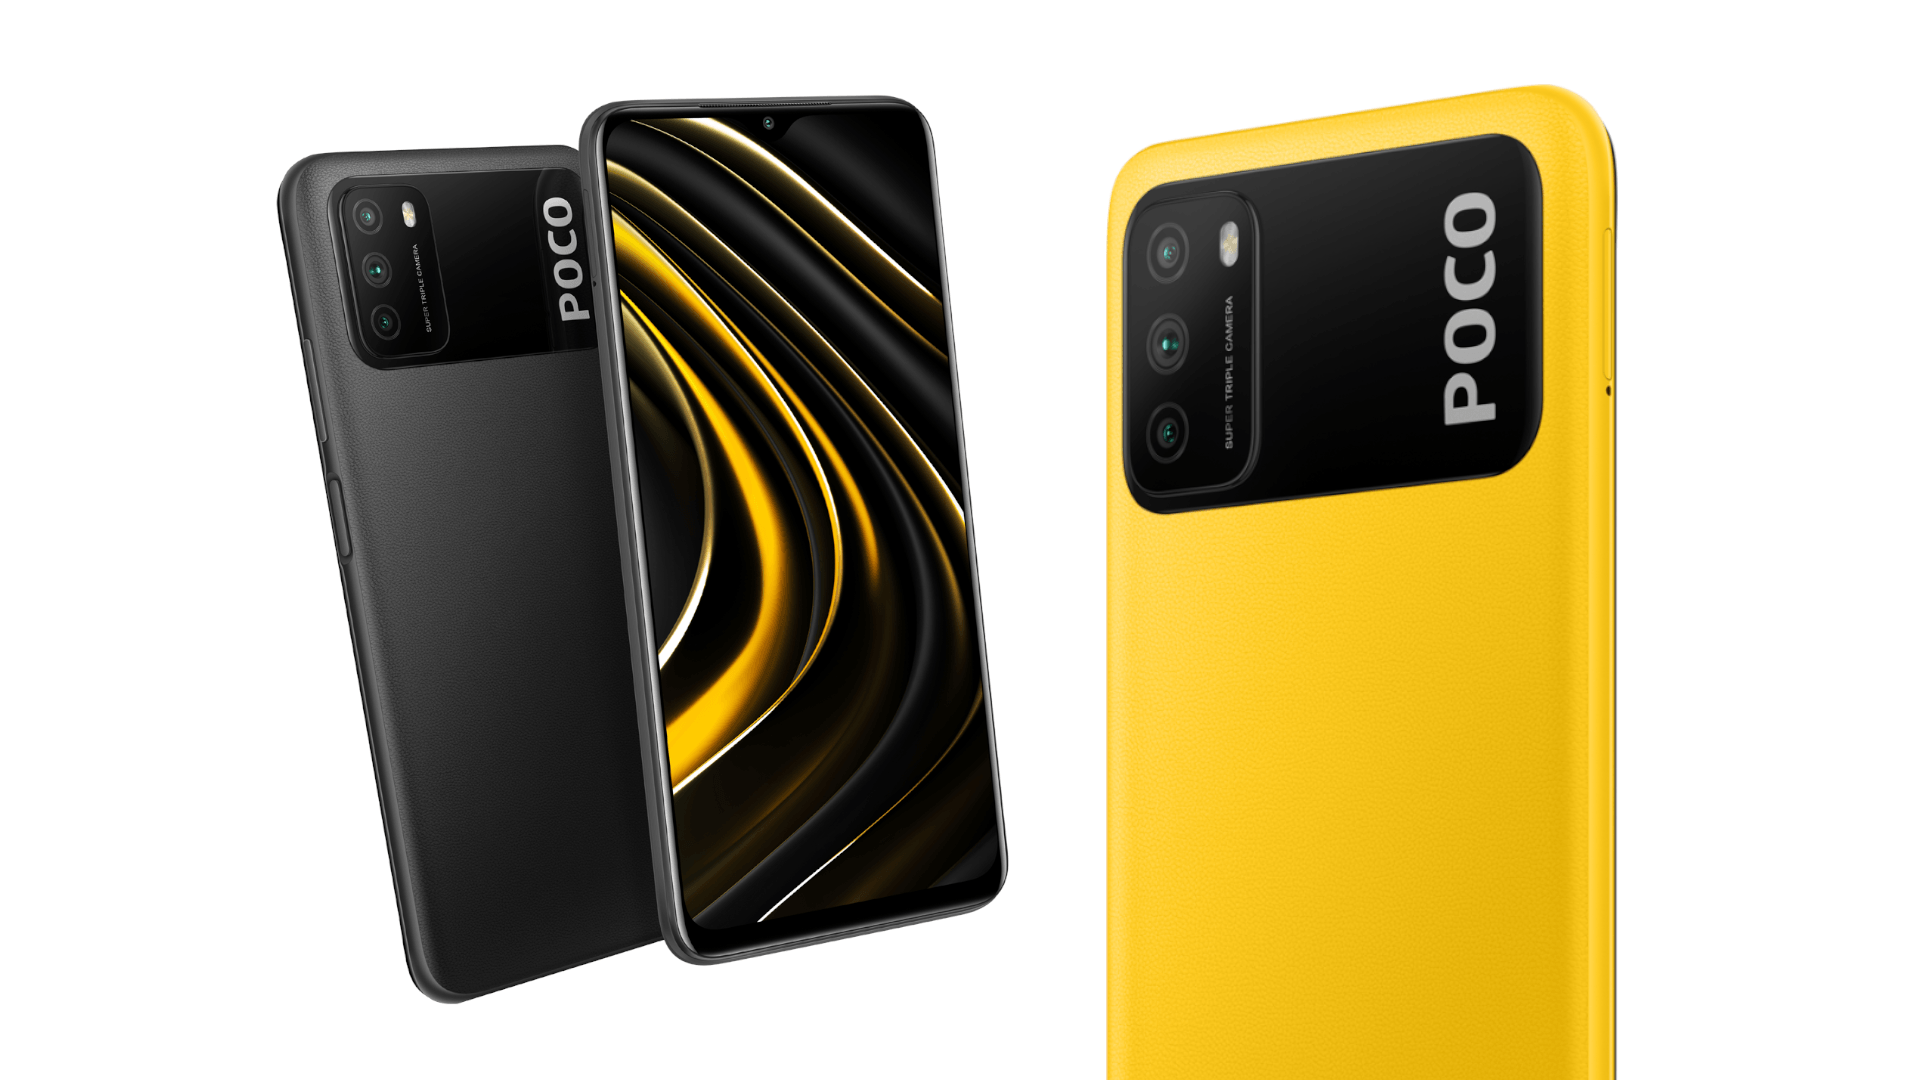 Top des meilleurs smartphones pour moins de 200 euros en 2021 - Xiaomi Poco M3 www.heavybull.com